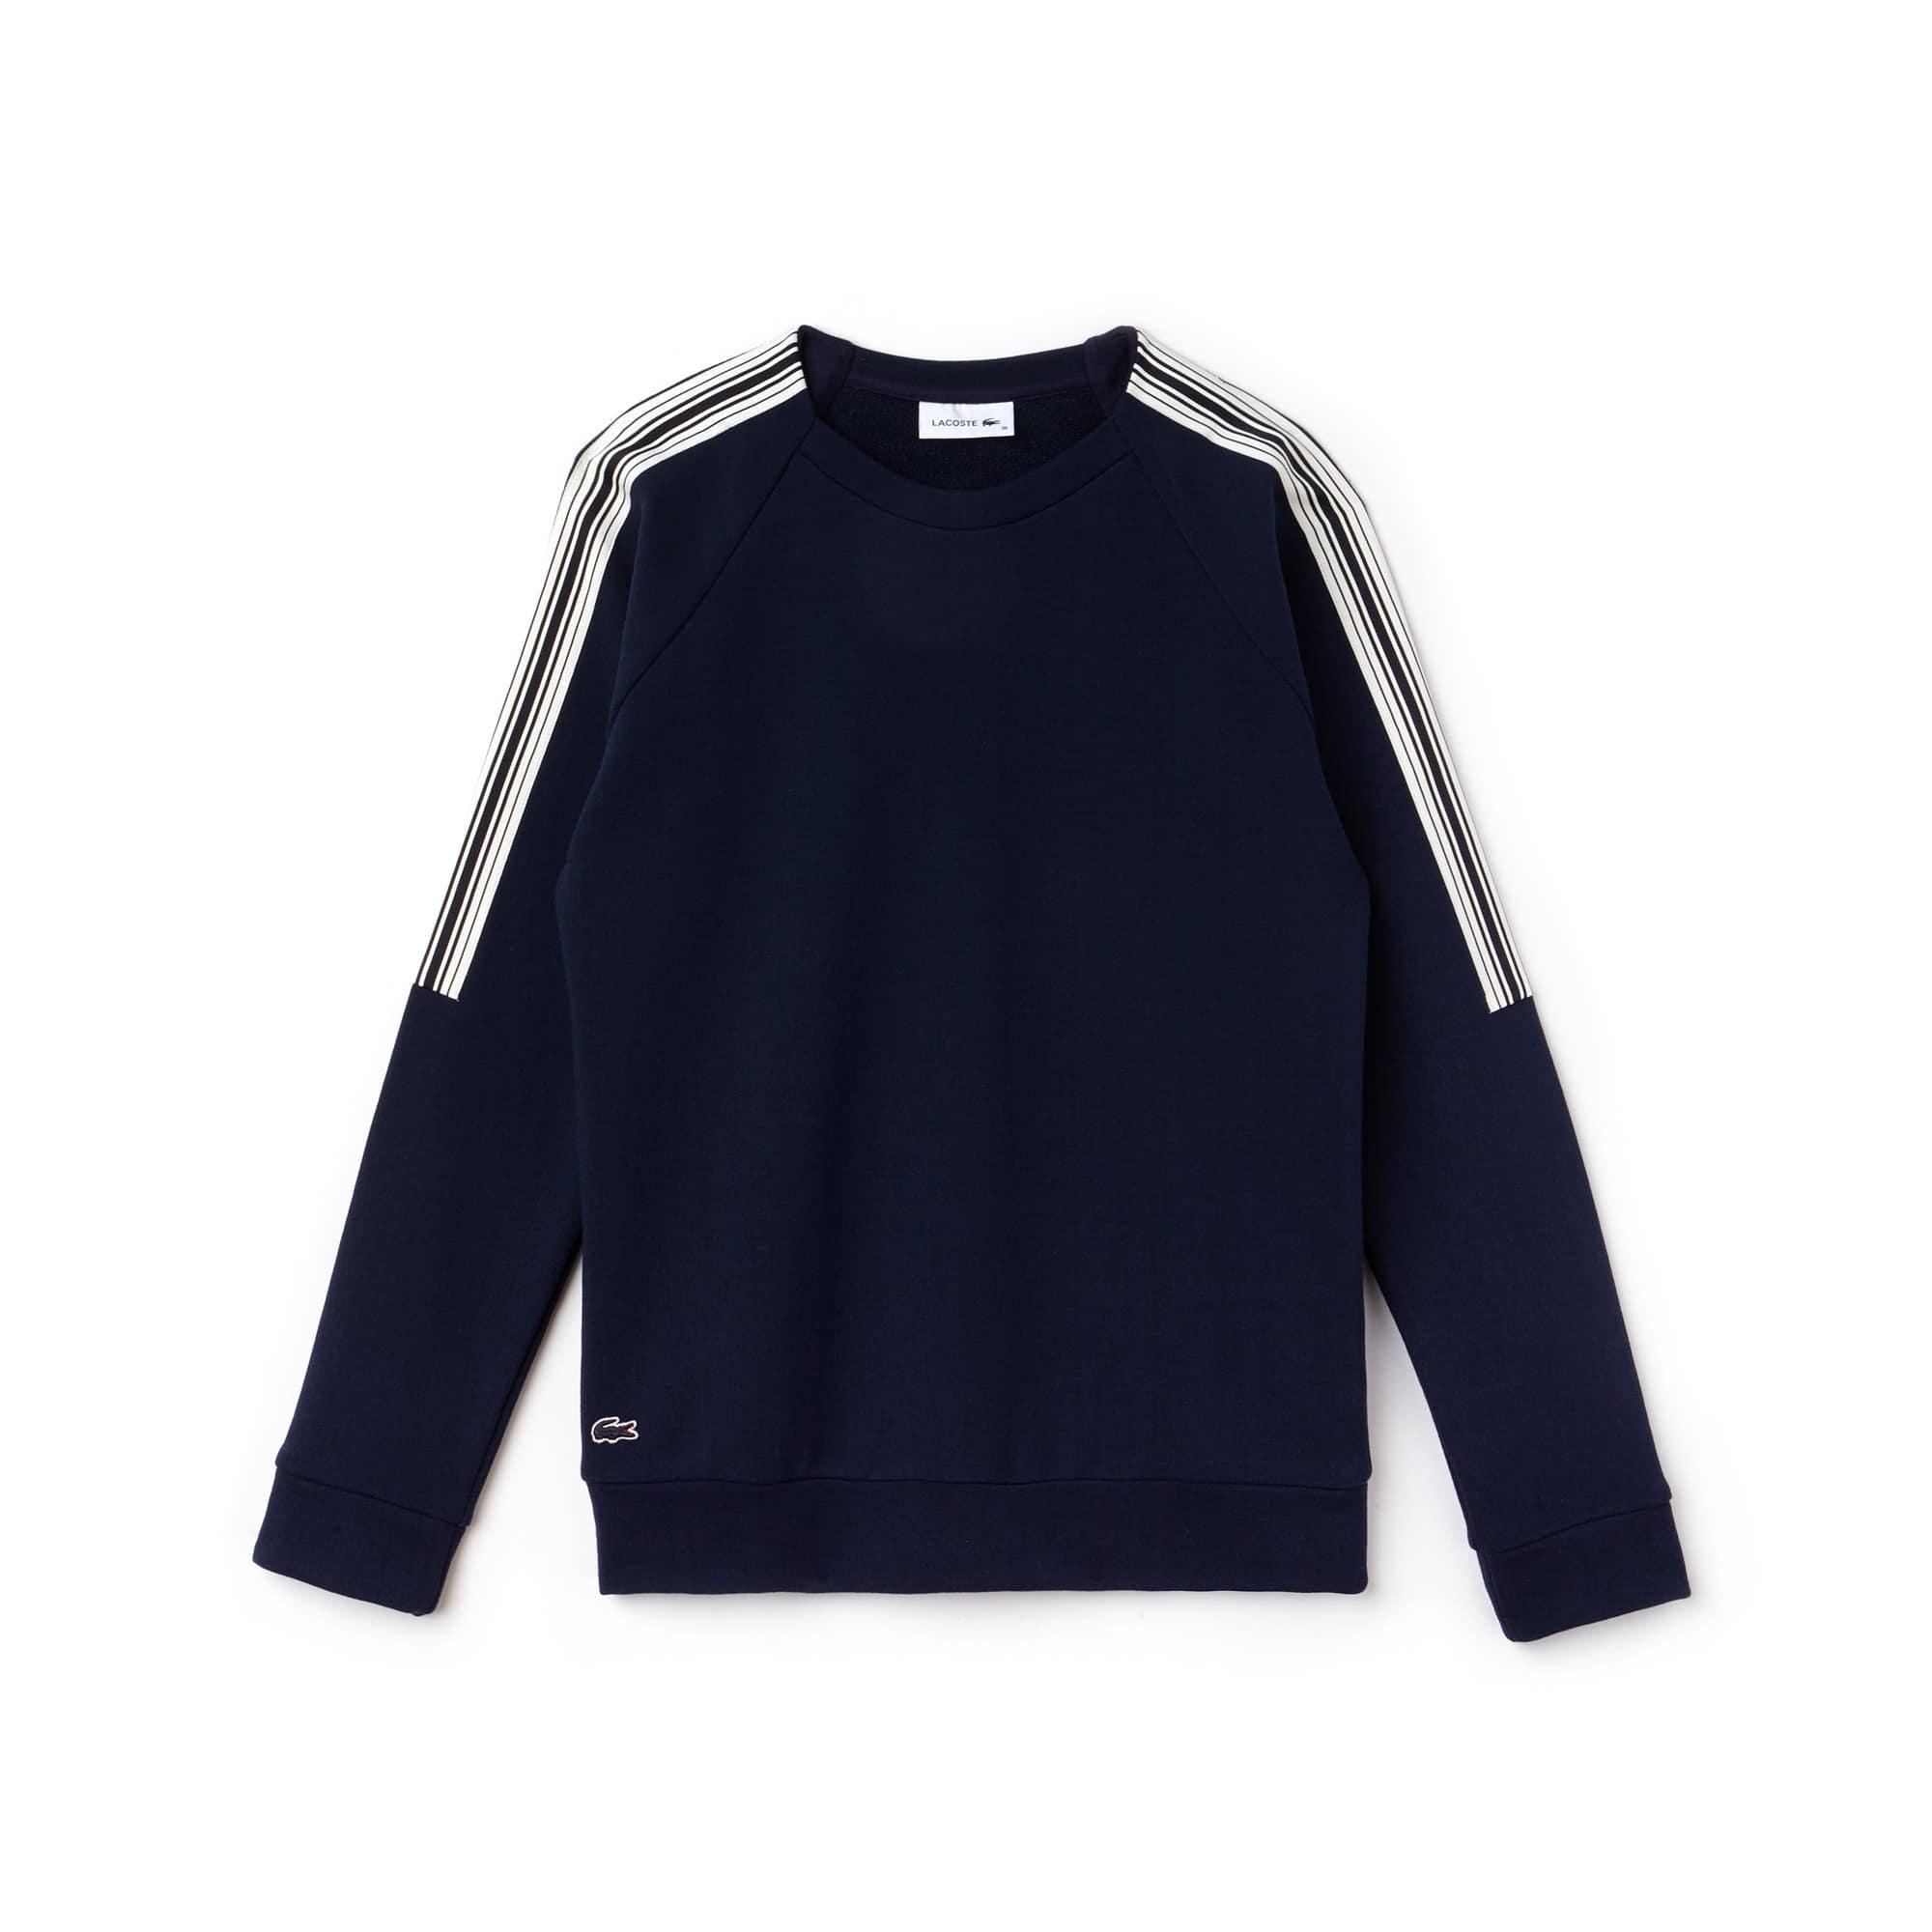 Sweatshirt de decote redondo em crepe de moletão com faixas a contrastar